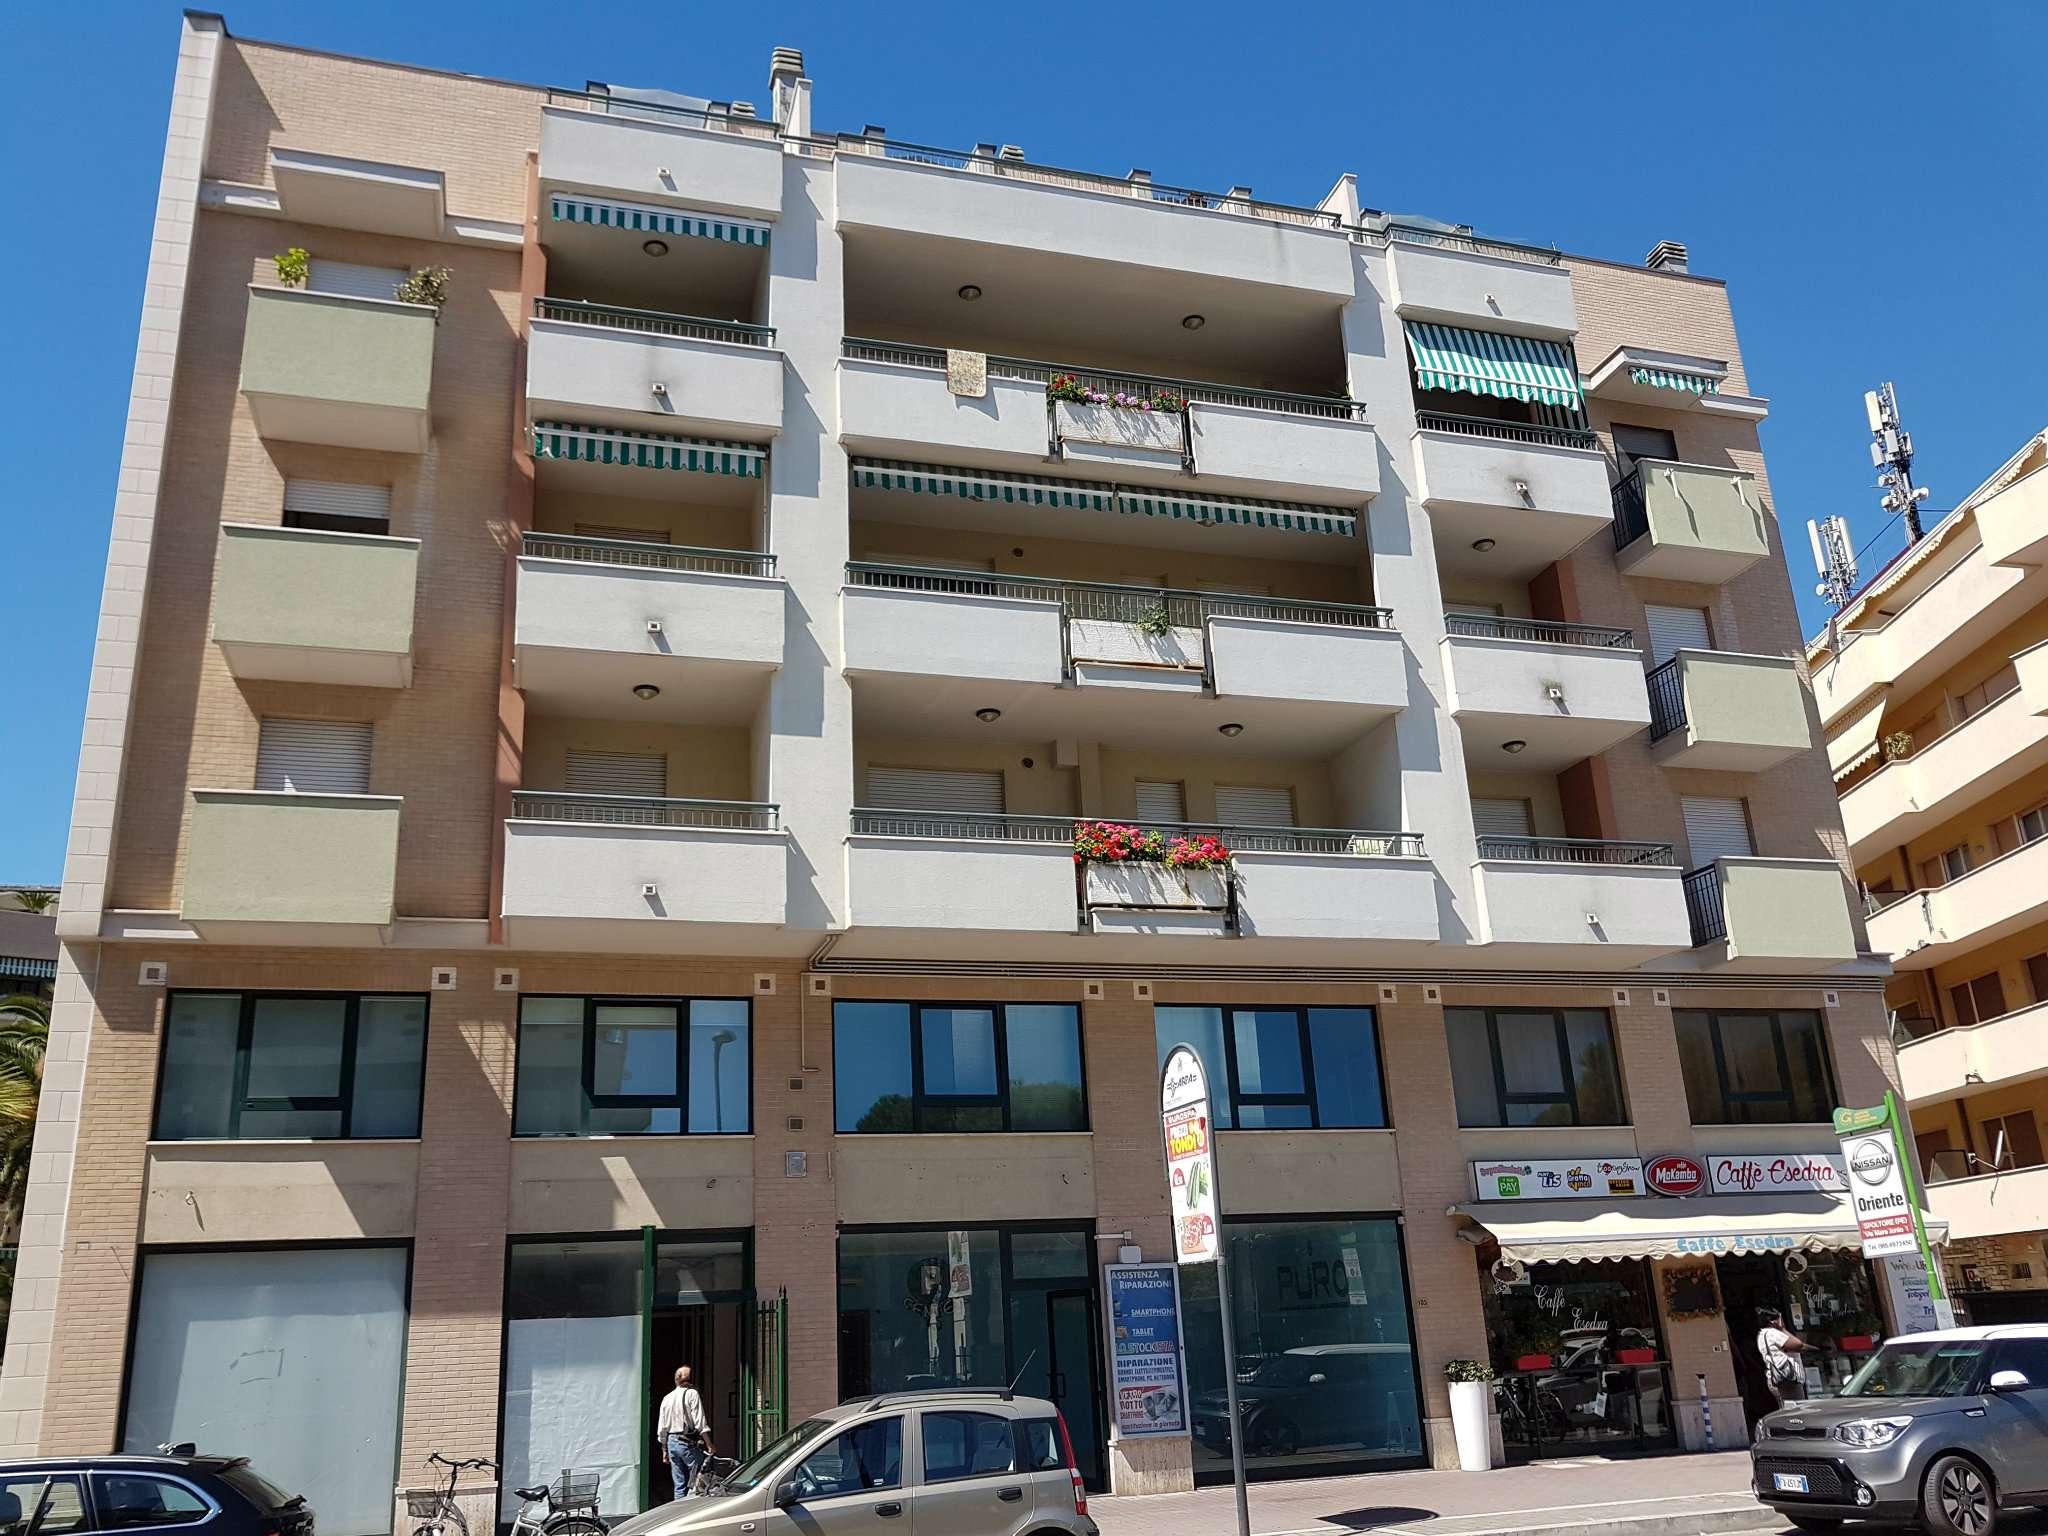 Negozio / Locale in affitto a Pescara, 2 locali, prezzo € 900 | CambioCasa.it